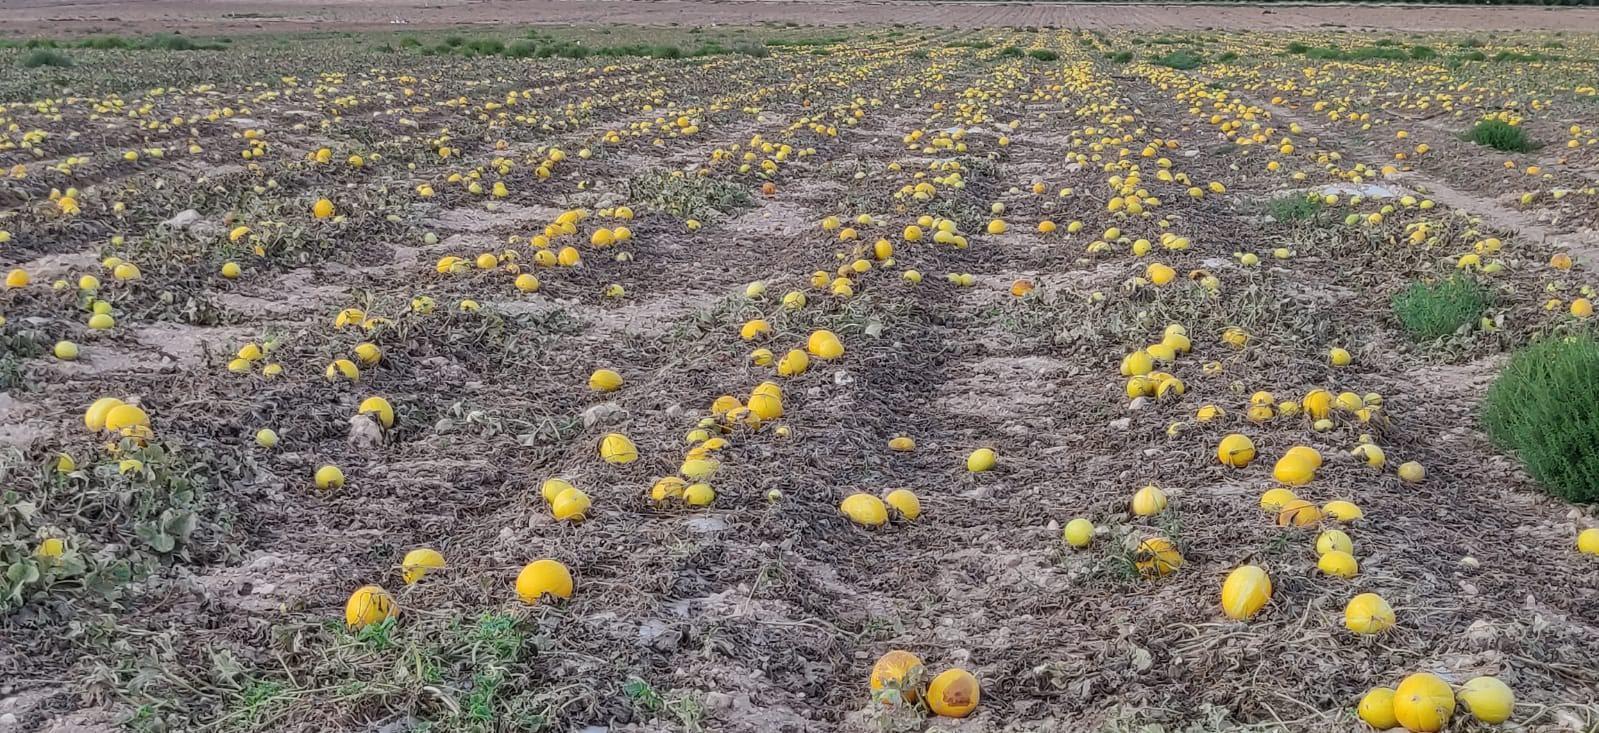 Melones abandonados en Yecla, septiembre 2019. Imagen: Plataforma Ciudadana Salvemos el Arabí y Comarca